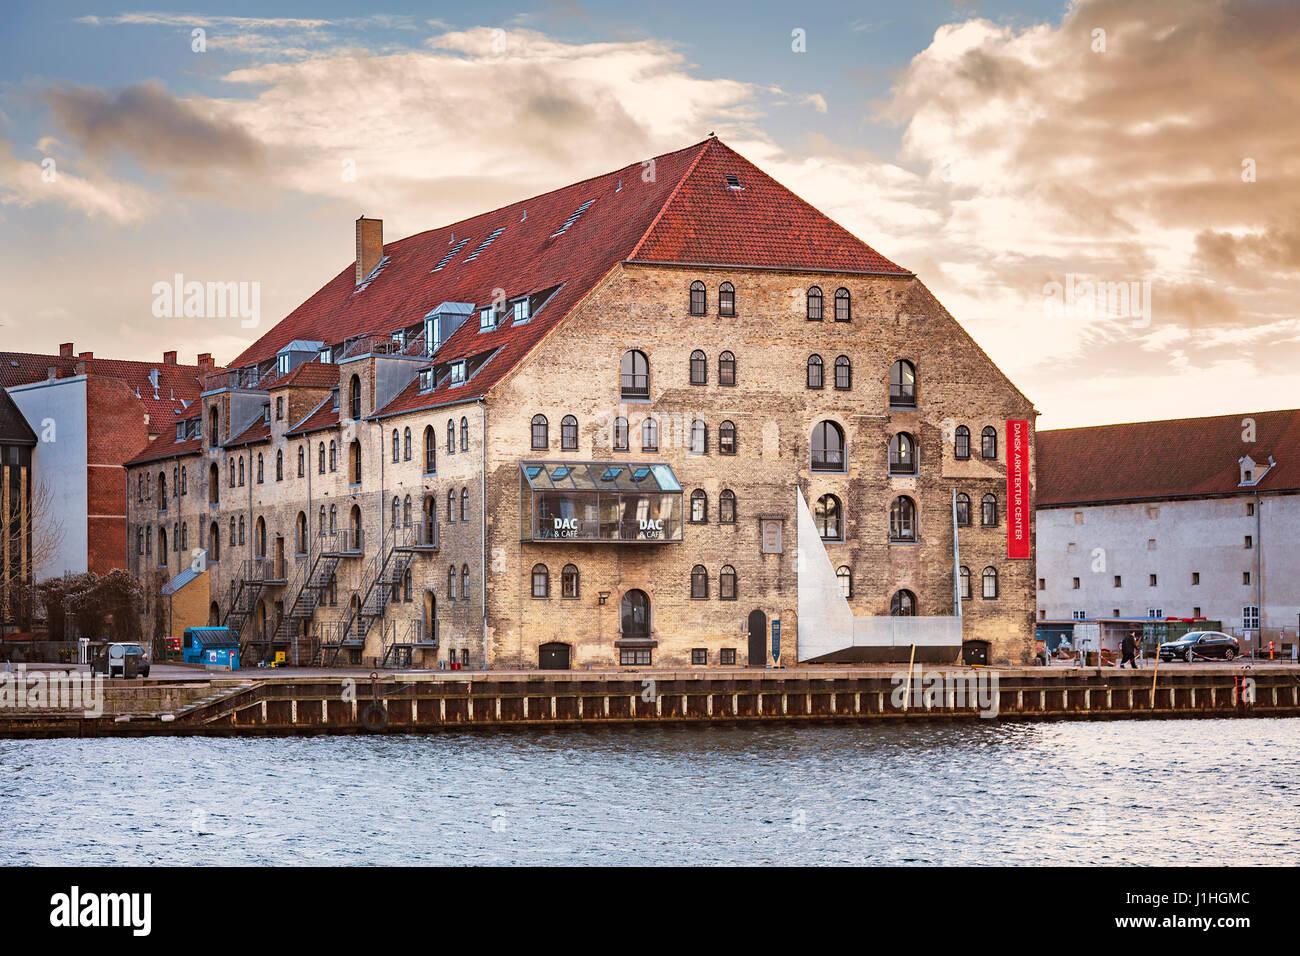 Copenhague, Danemark - 24 décembre 2016. Le Danish architecture centre, qui se trouve dans un entrepôt Photo Stock